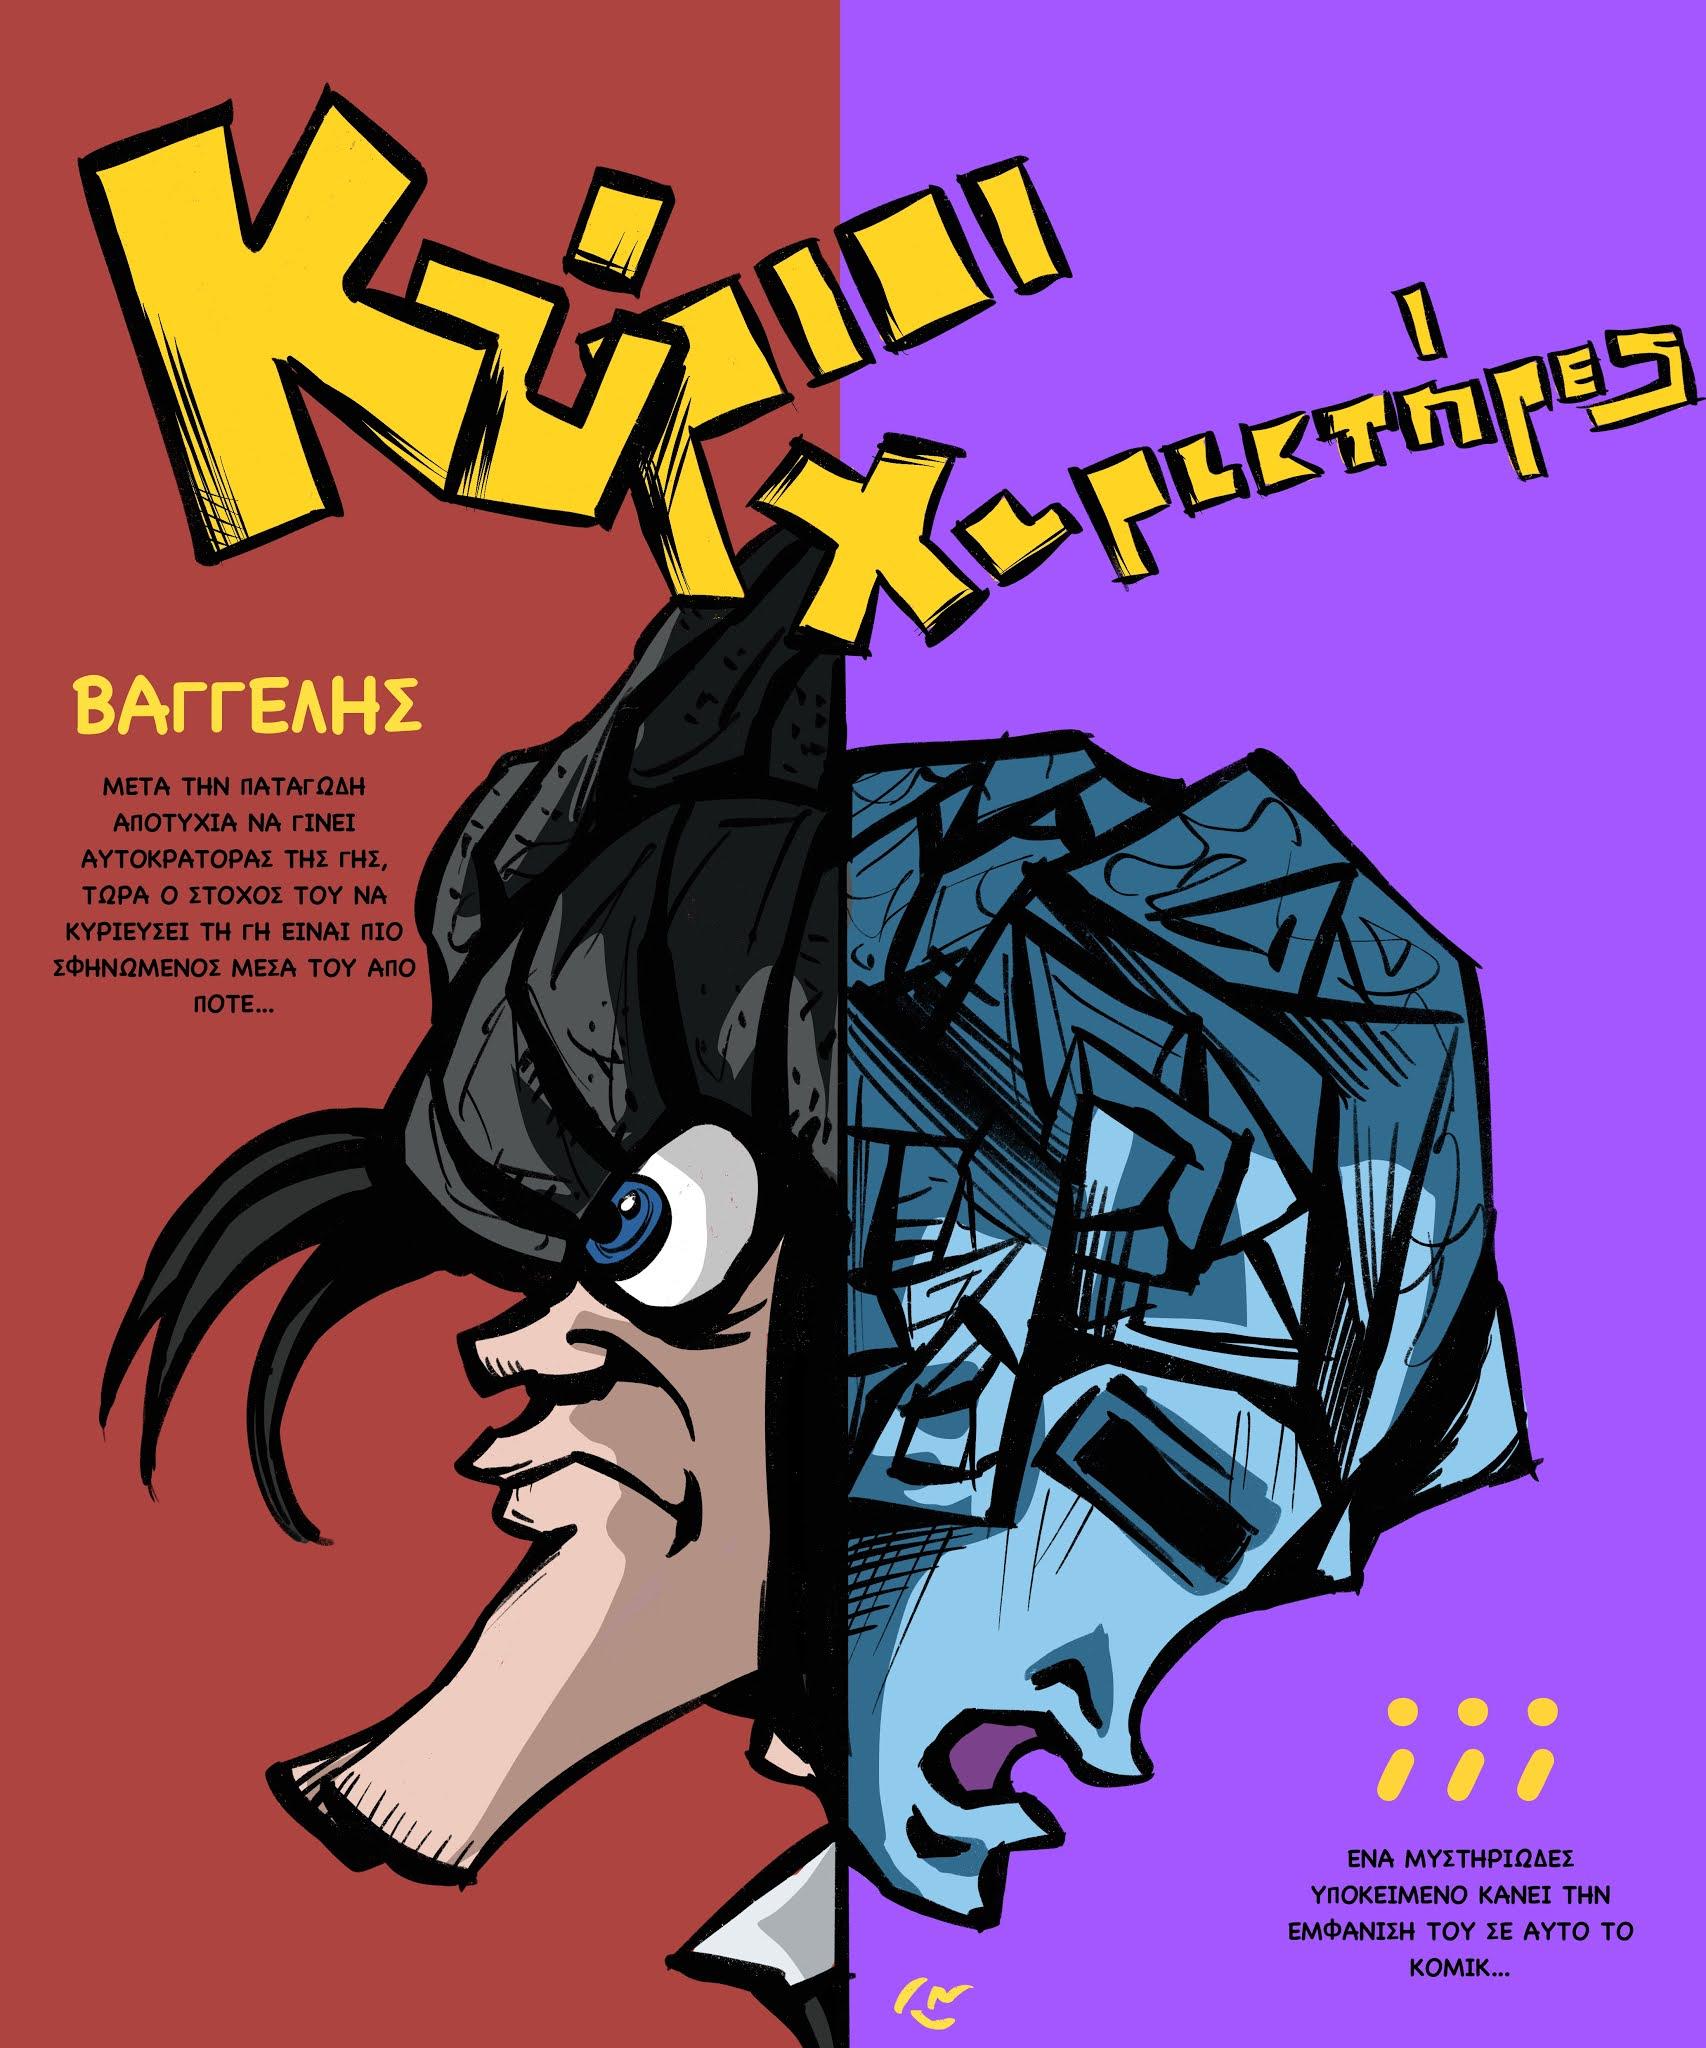 """Έρχεται """"Το Νέο Άγαλμα της Ευχής"""" στο XanthiNea.gr"""